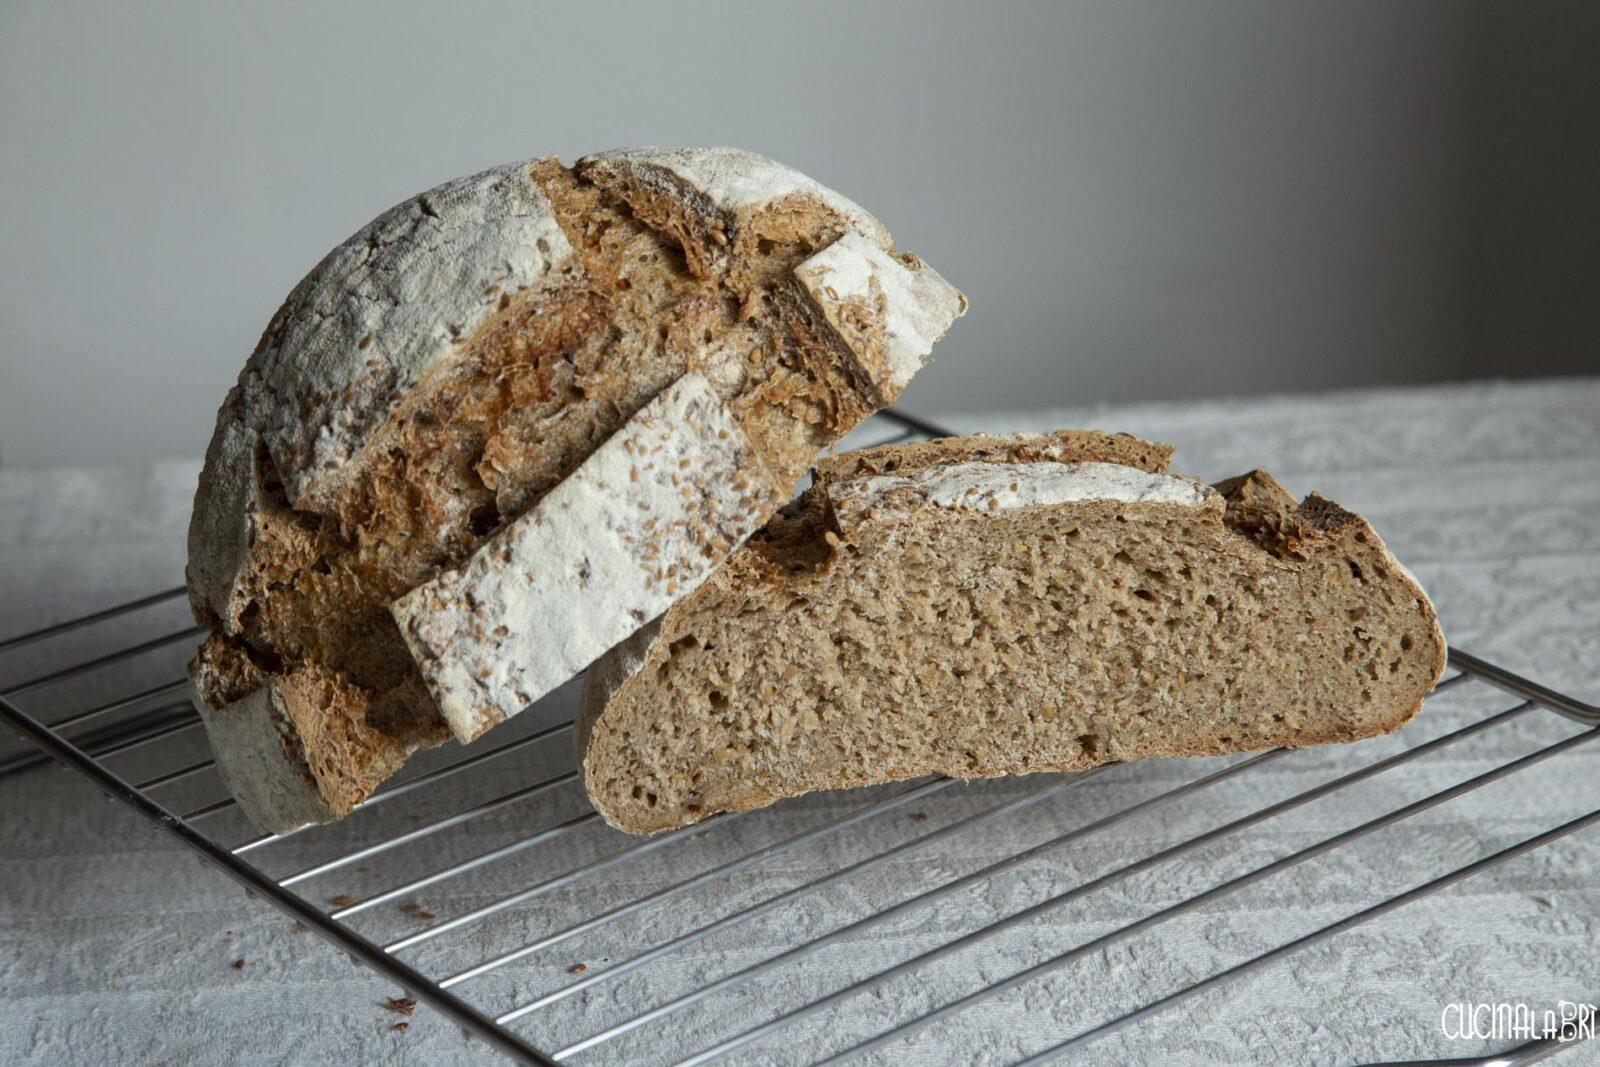 pane con lievito madre di segale e semi